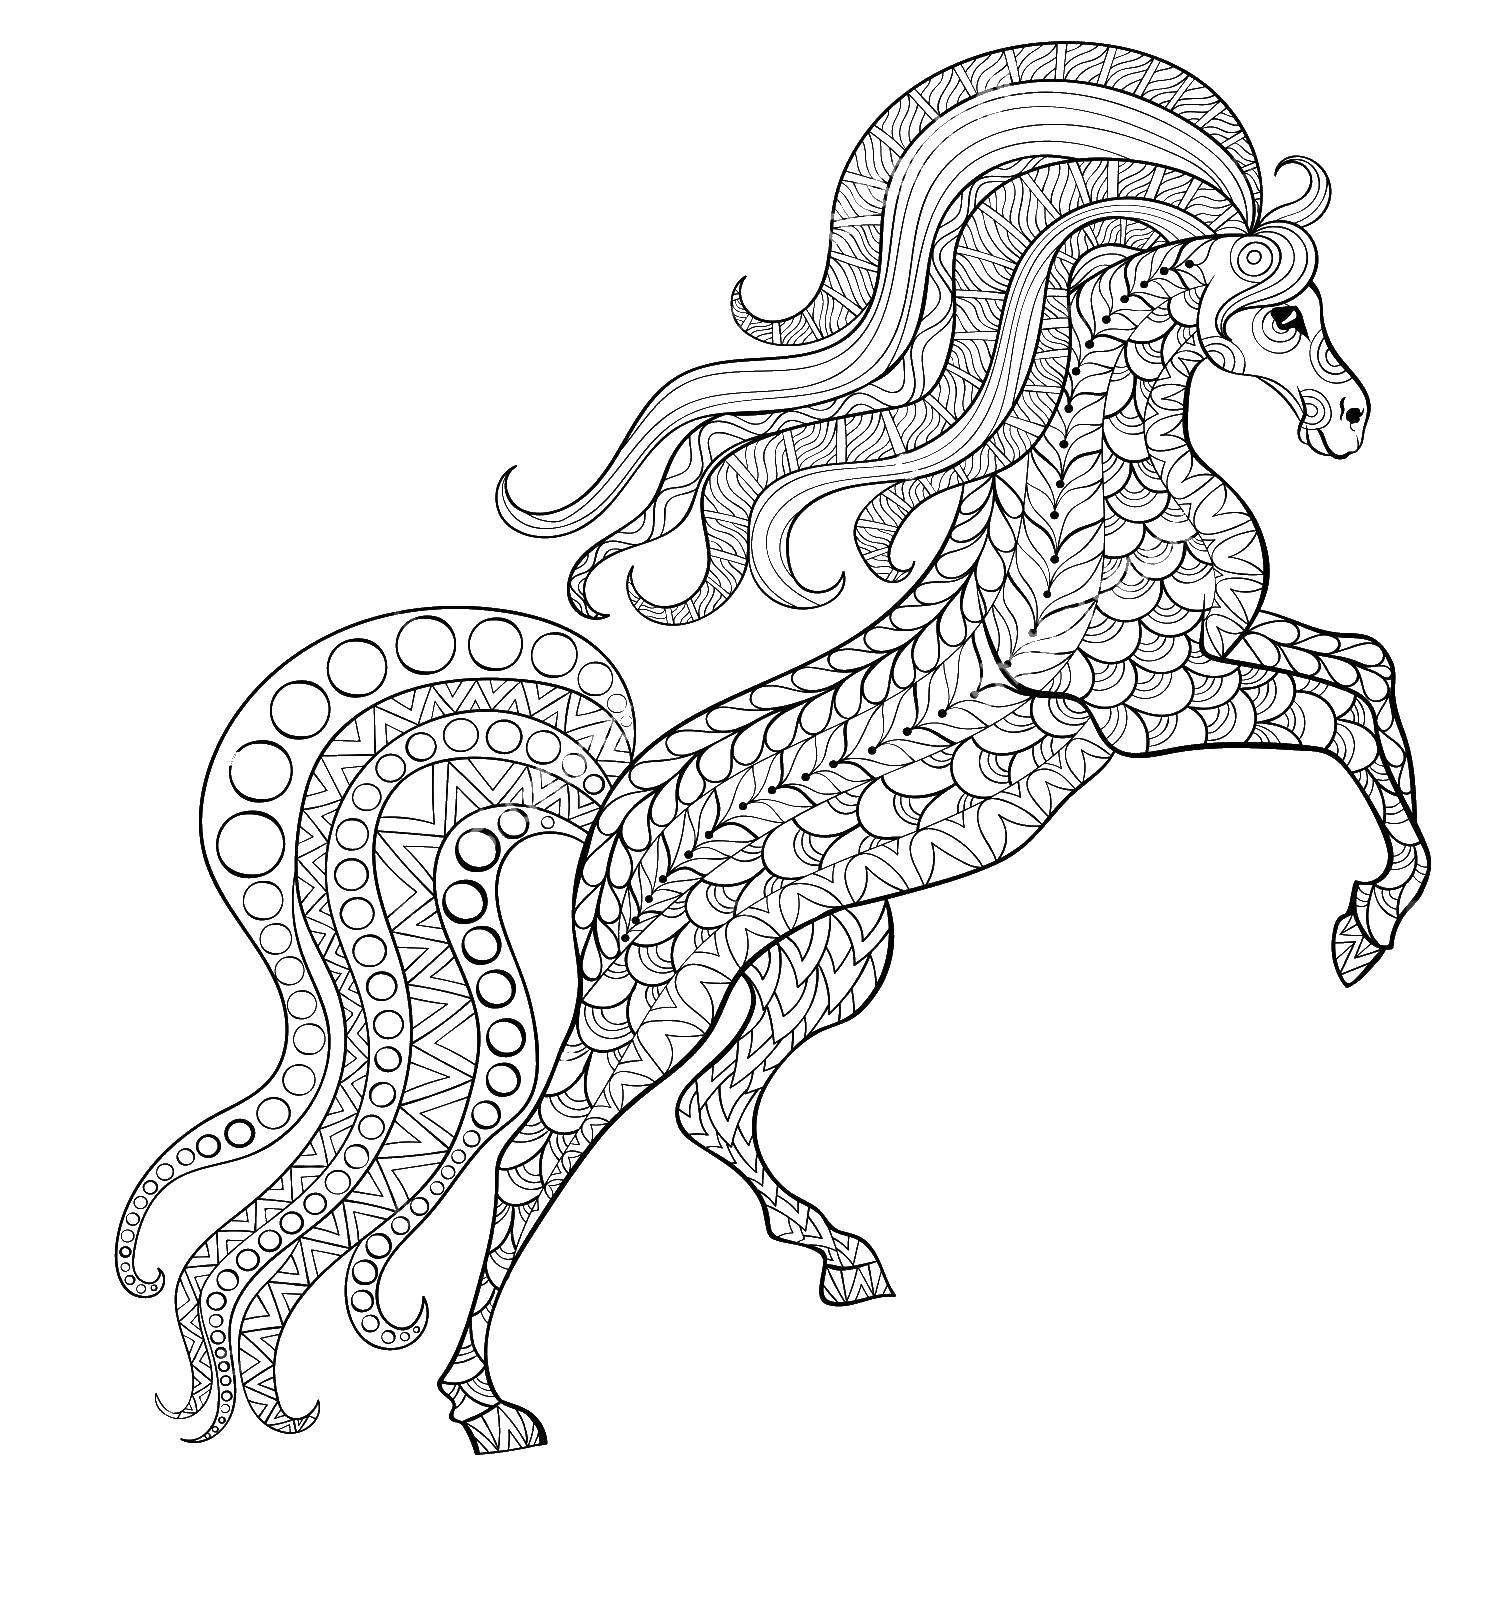 Конь Раскраски для взрослых скачать